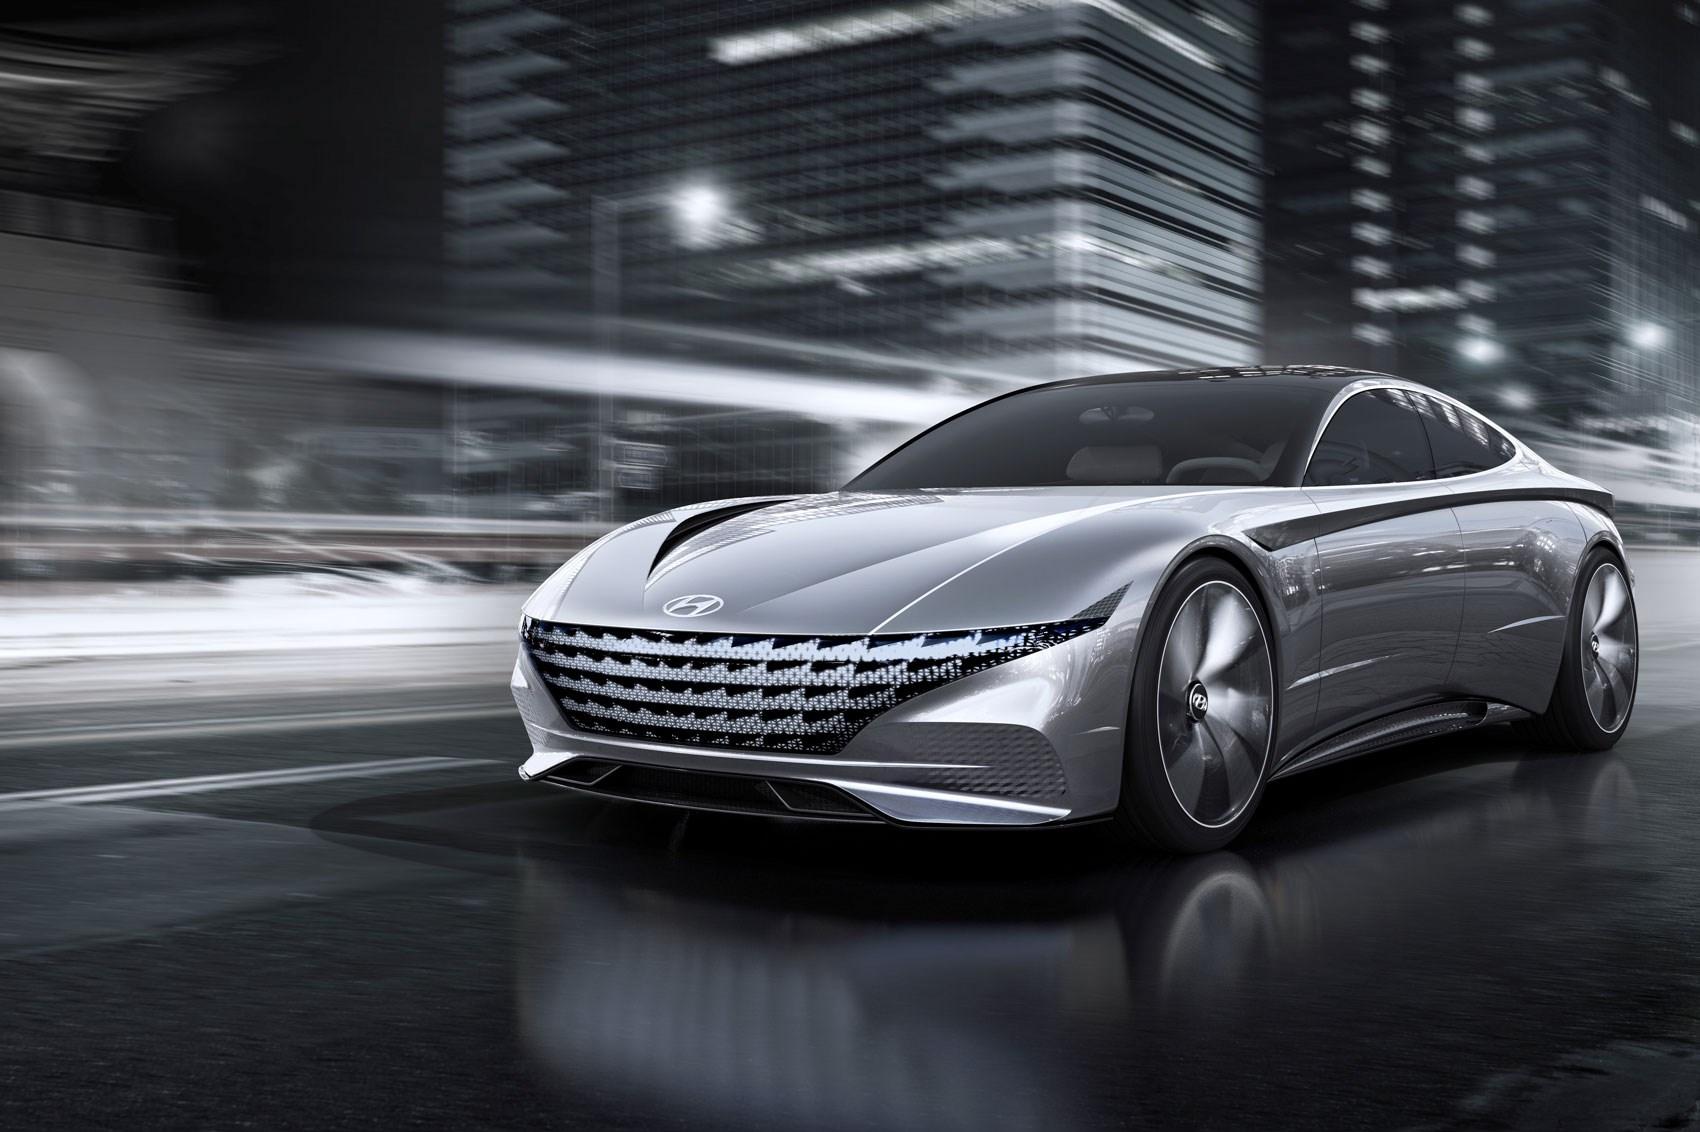 hyundai previews le fil rouge concept car | car magazine